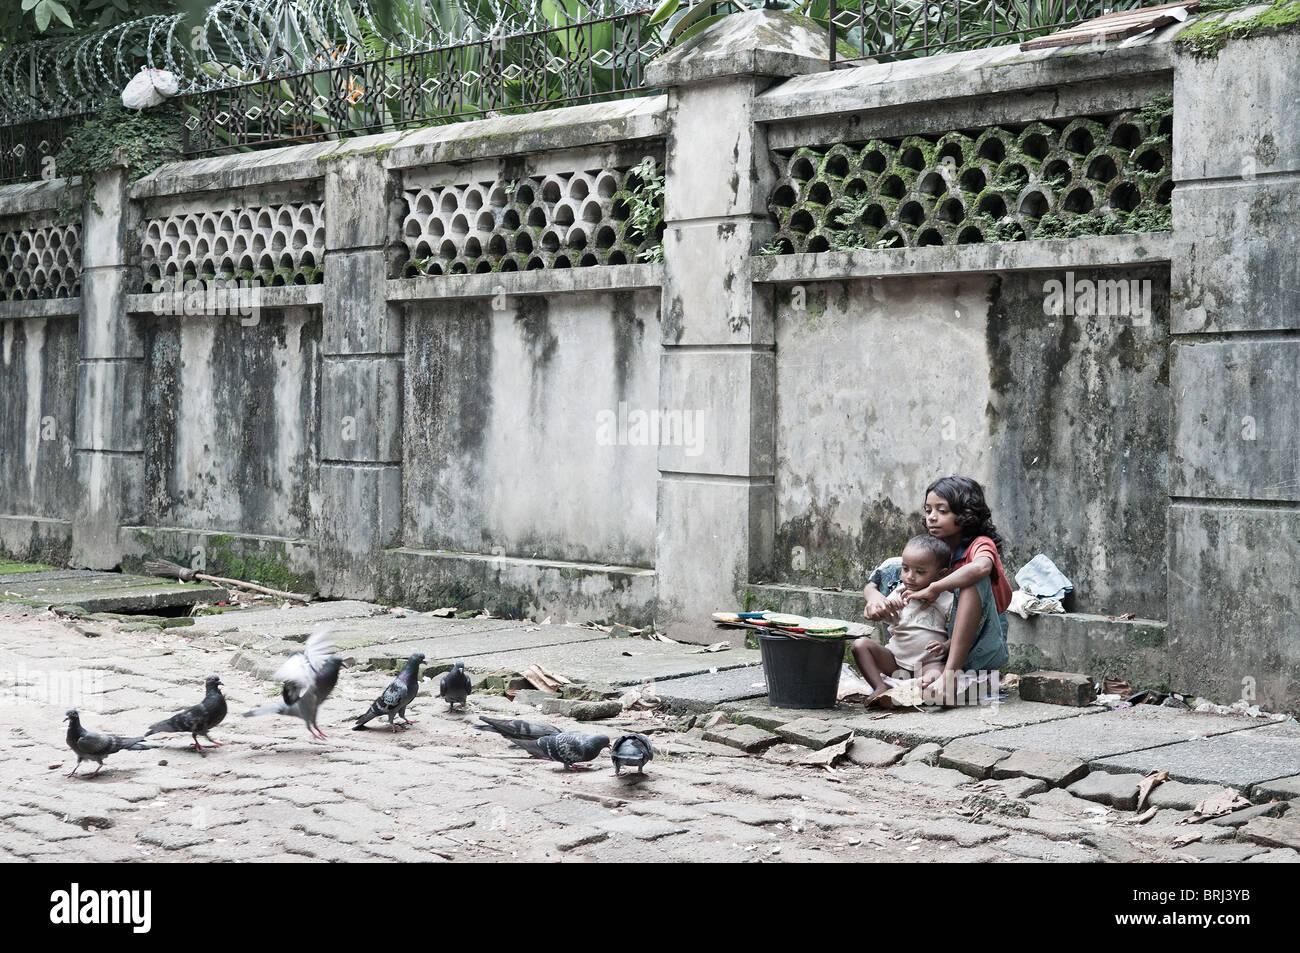 La pobreza infantil los niños de la calle en Myanmar Birmania Rangún Yangon Asia Imagen De Stock